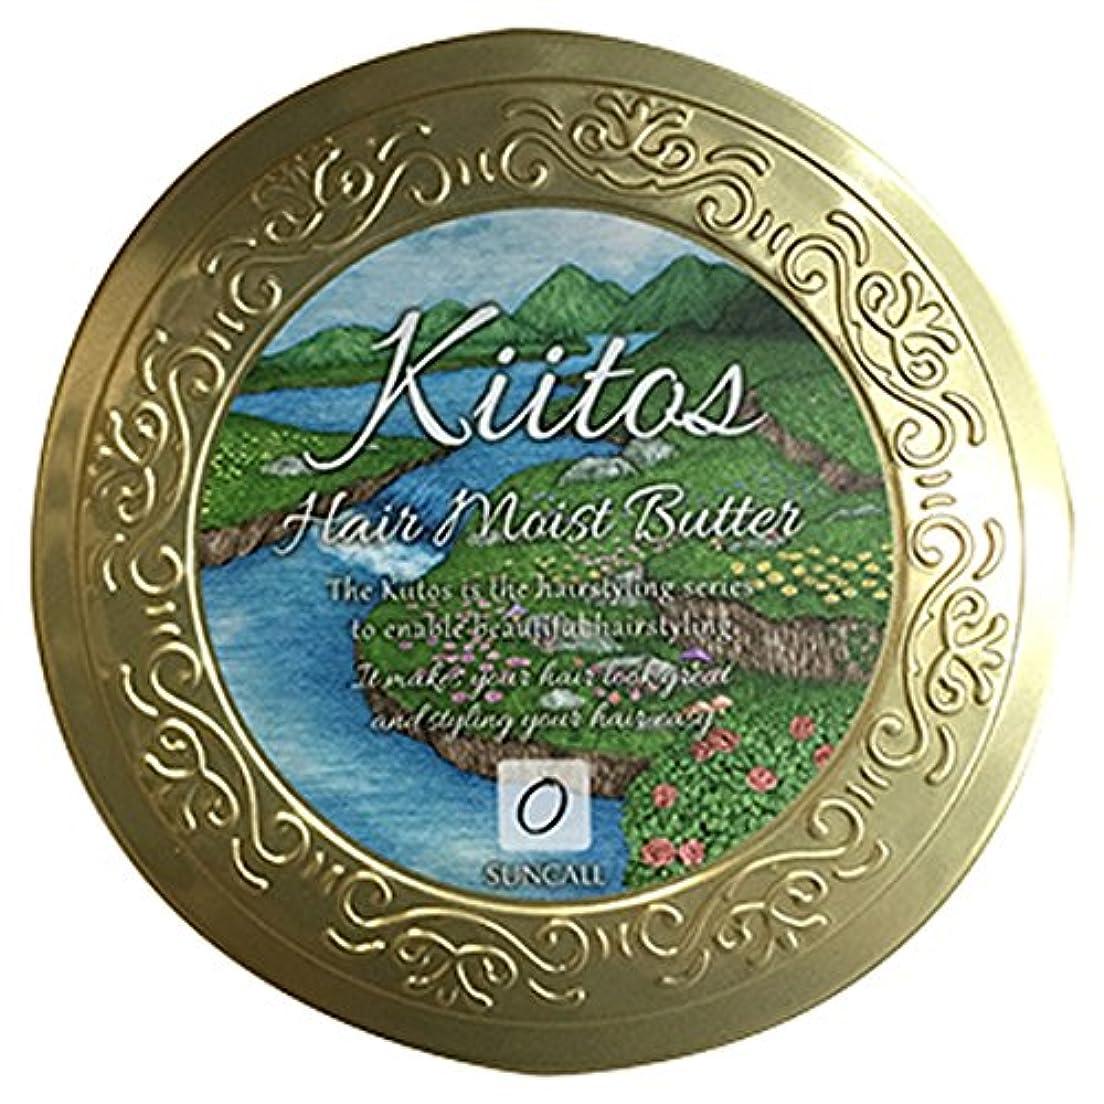 研磨剤応じる永久SUNCALL (サンコール) キートス ヘアモイストバター 85g